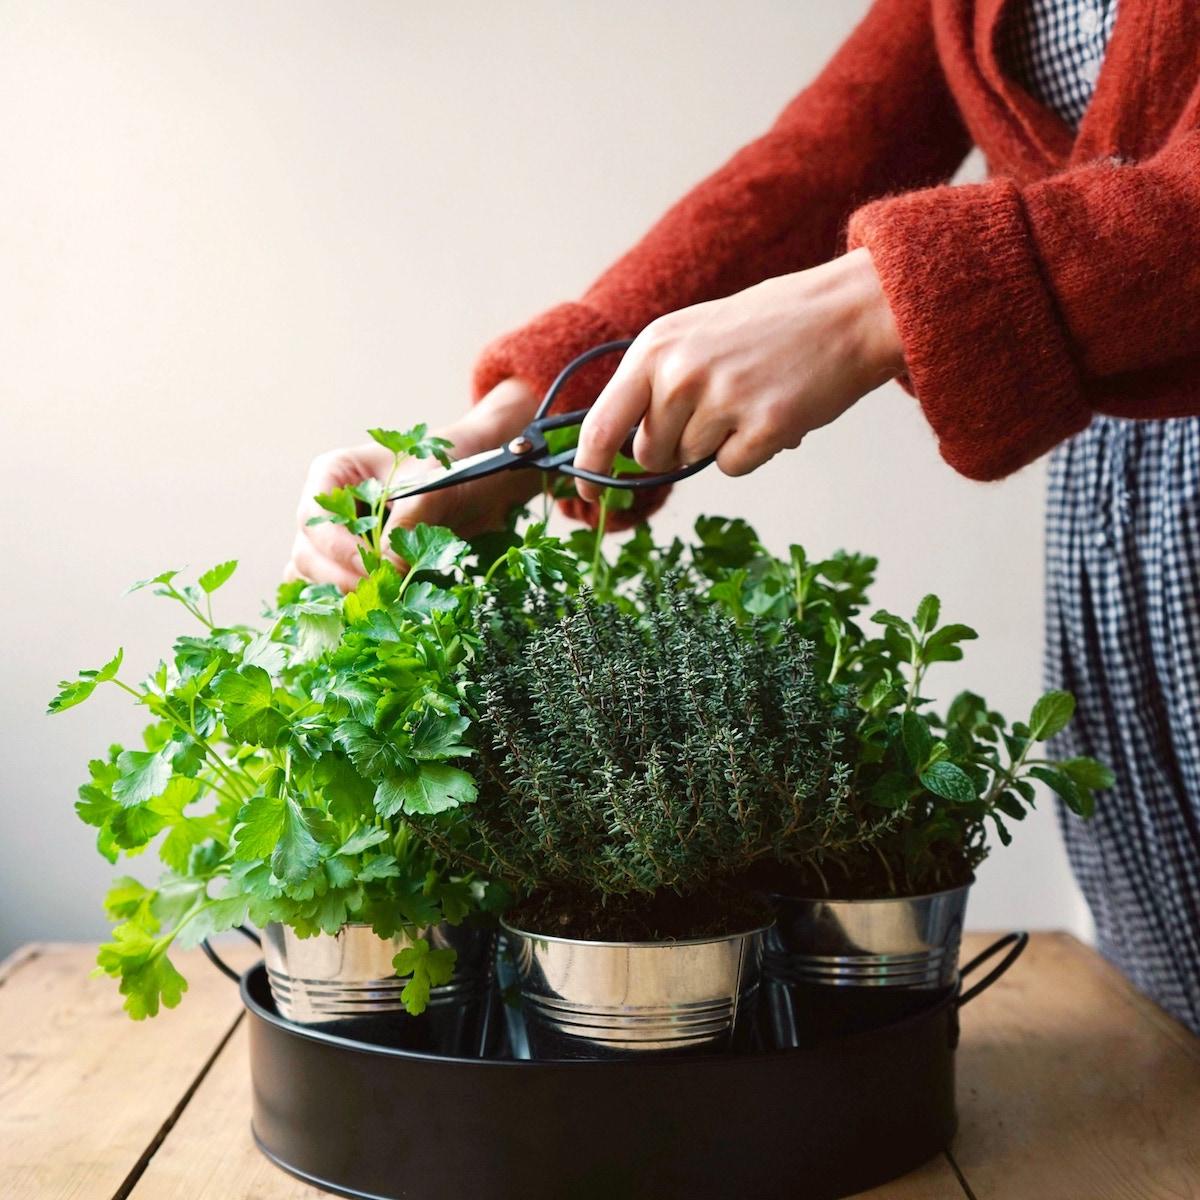 plateau noir de aromates cultiver table bois - blog déco - clemaroundthecorner